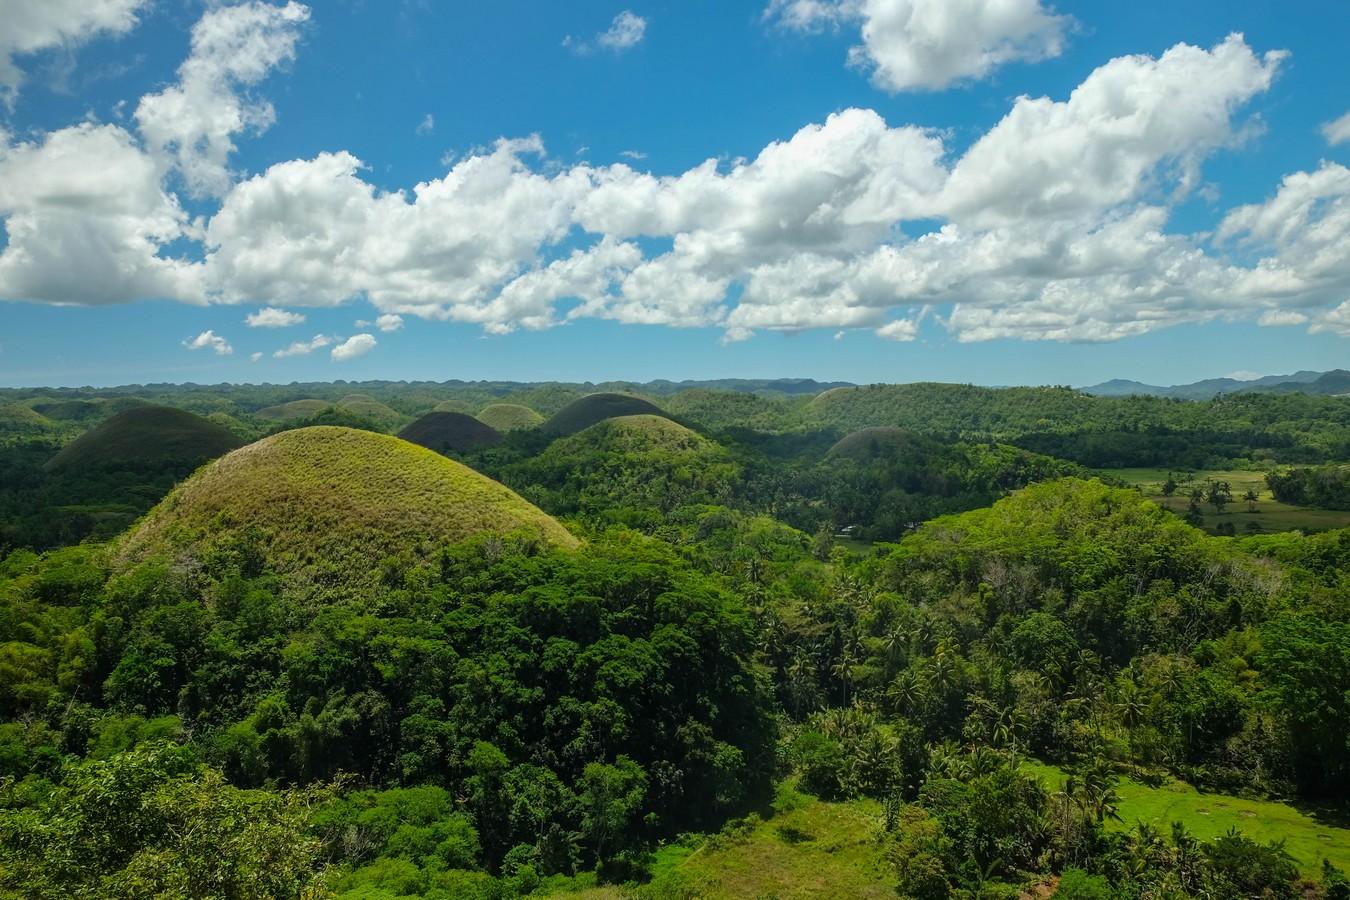 Vue des Chocolate Hills sur l'île de Bohol aux Philippines.